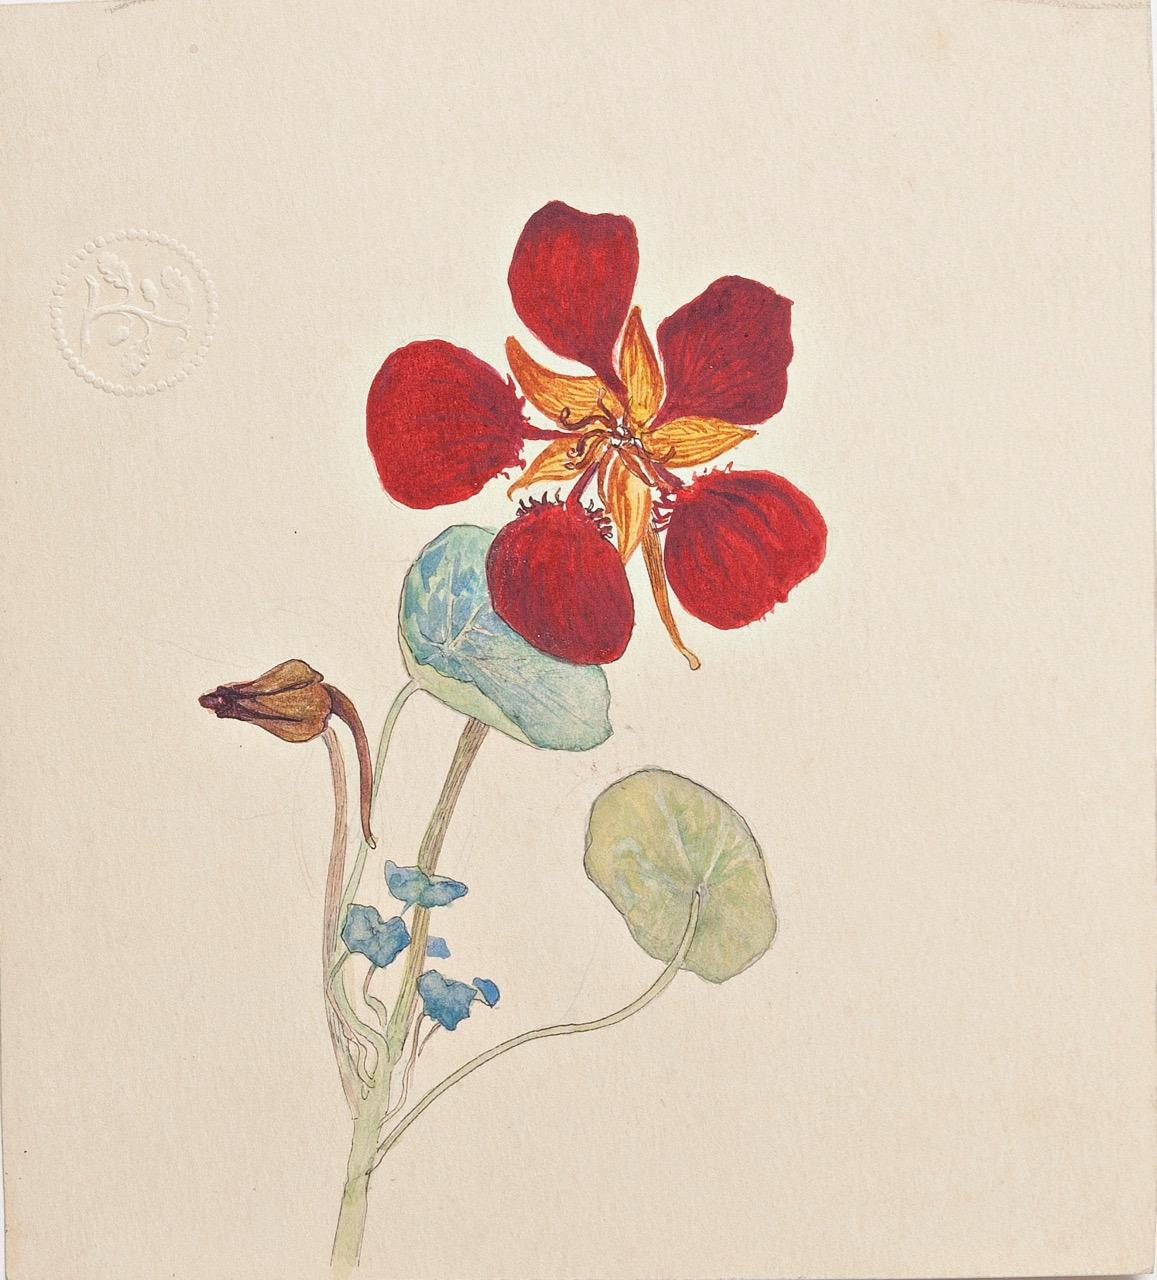 Resultado de imagen de hilma af klint botanica